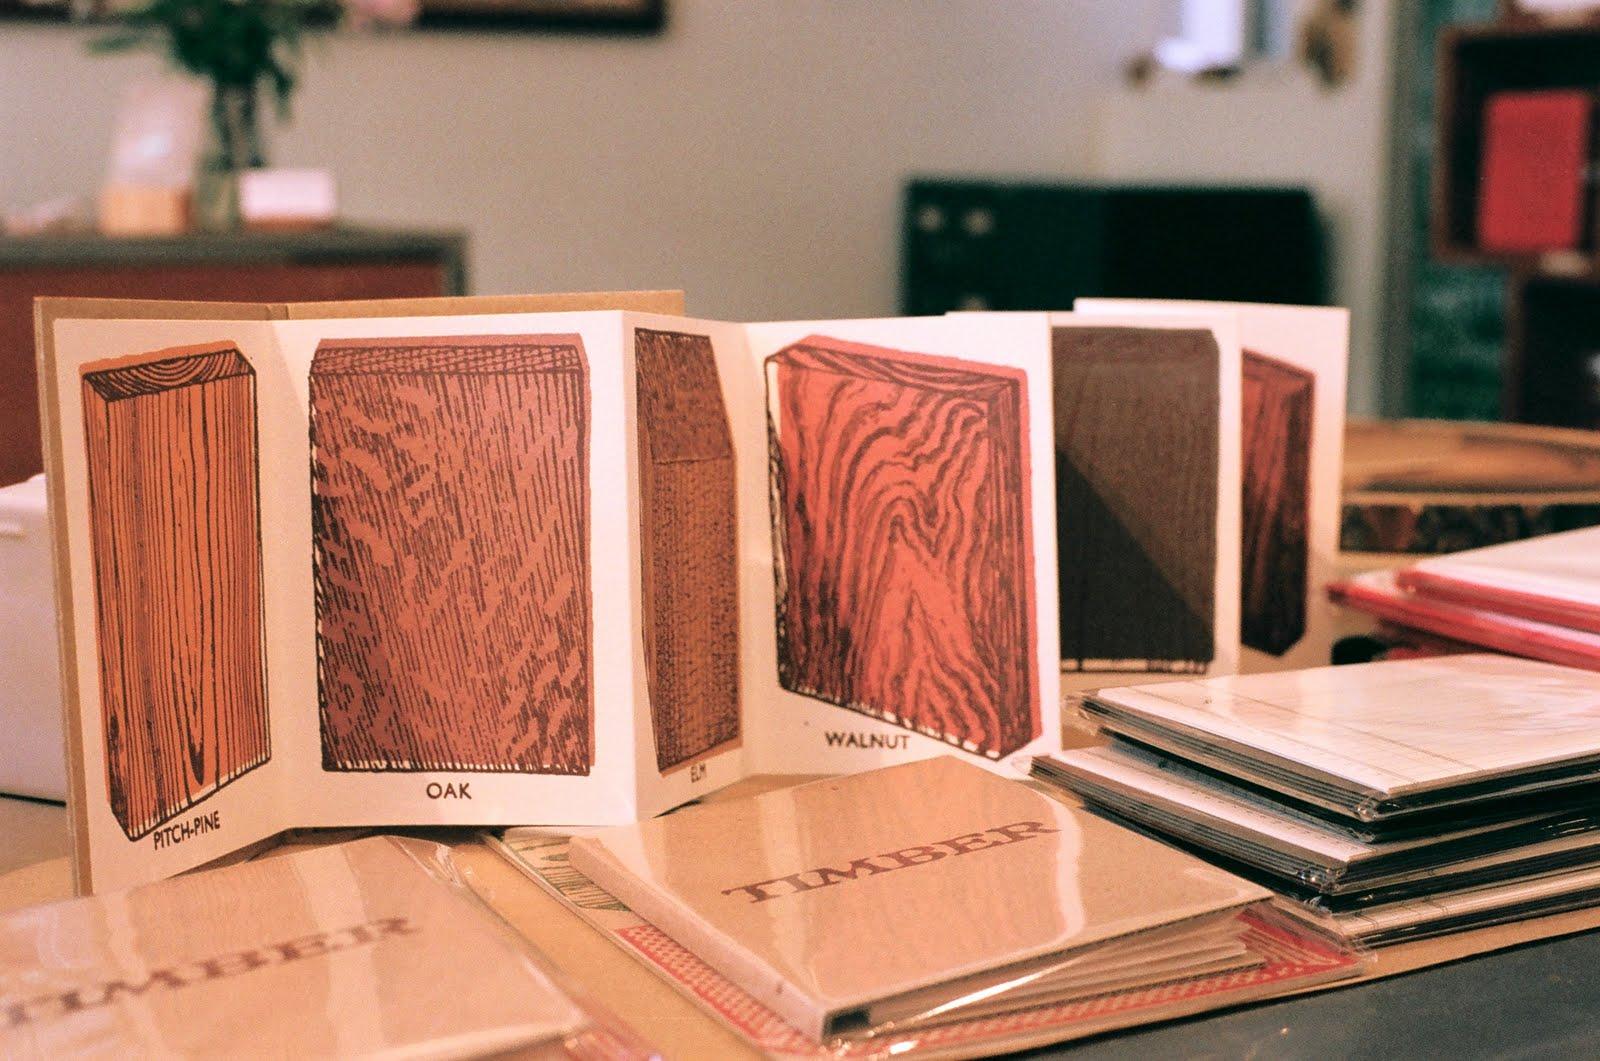 http://4.bp.blogspot.com/_zJ6zdRxnutQ/TJFb07qtVFI/AAAAAAAAFUI/7zi5wrYdNjM/s1600/timber+book.jpg